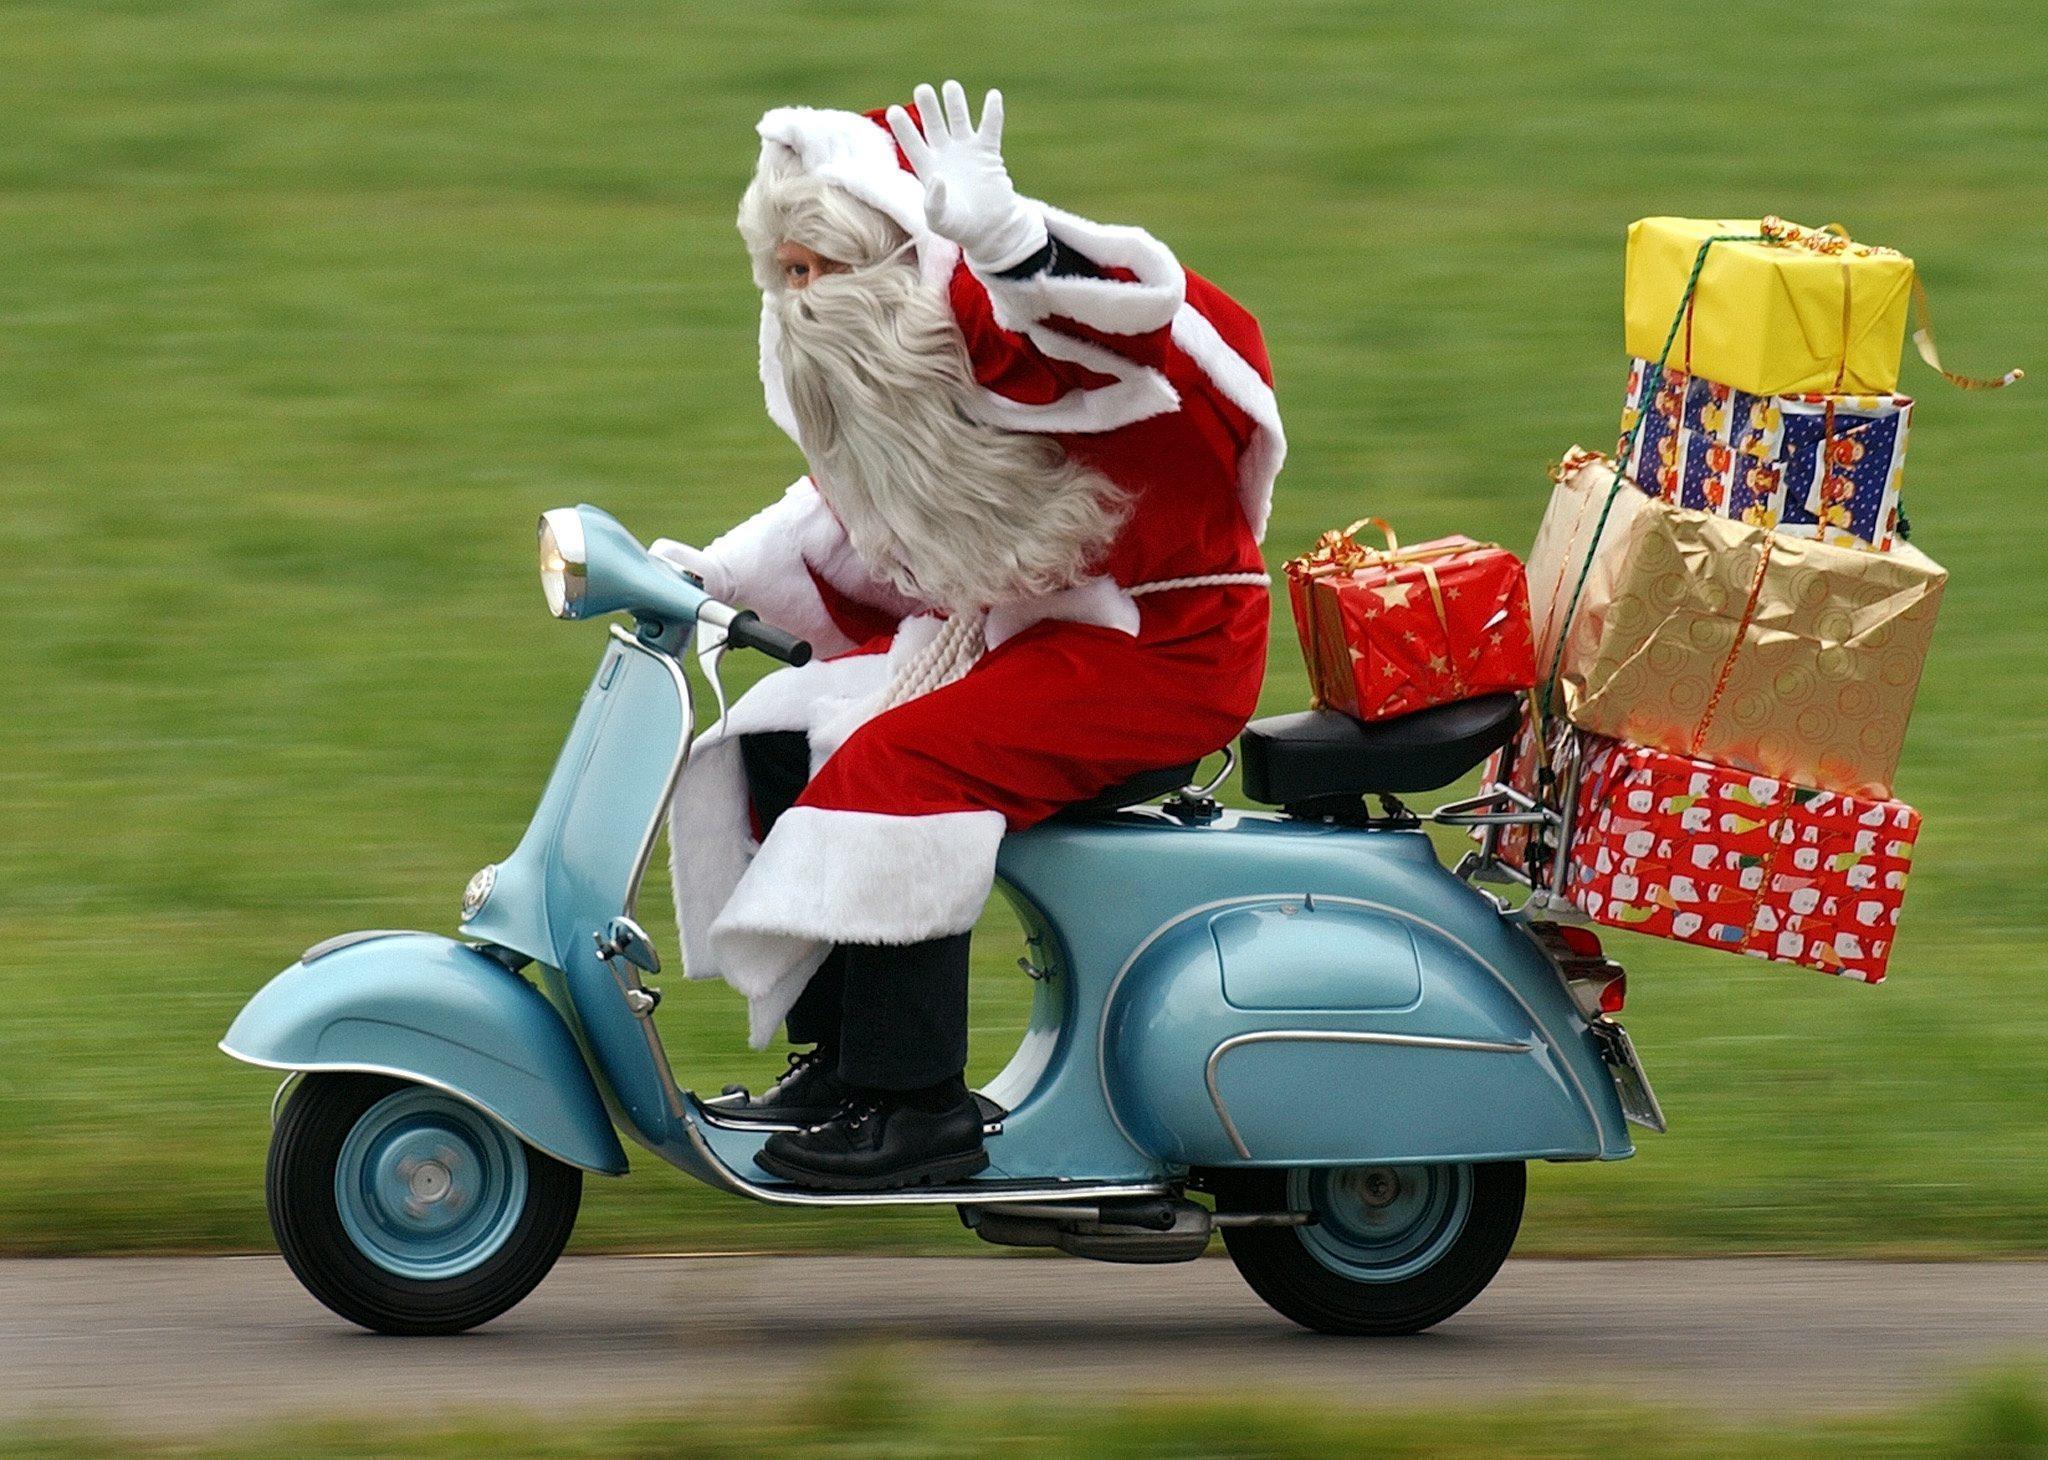 Regali di Natale: alimentari al top, giù gli smartphone - Giornale